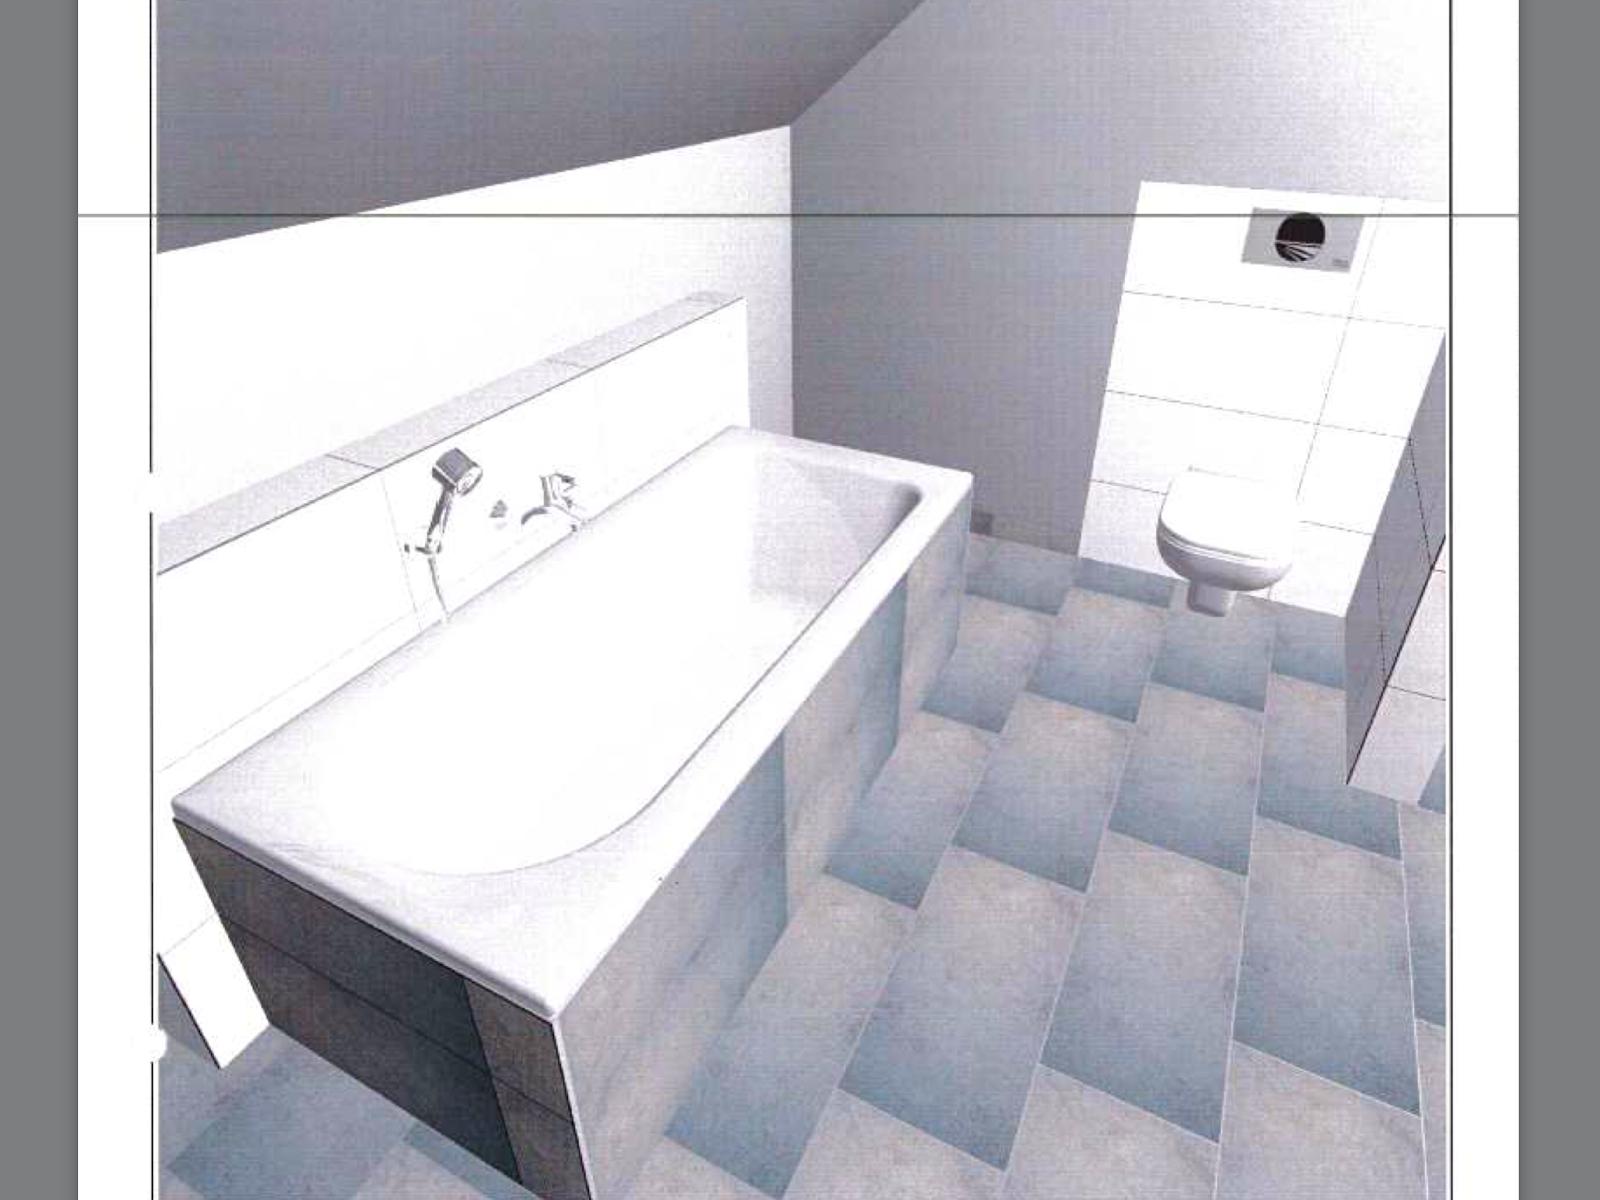 Ikea Waschtischunterschrank Godmorgon ~ VIO 302 von FingerHaus in Wuppertal  Unser Bautagebuch Bemusterung